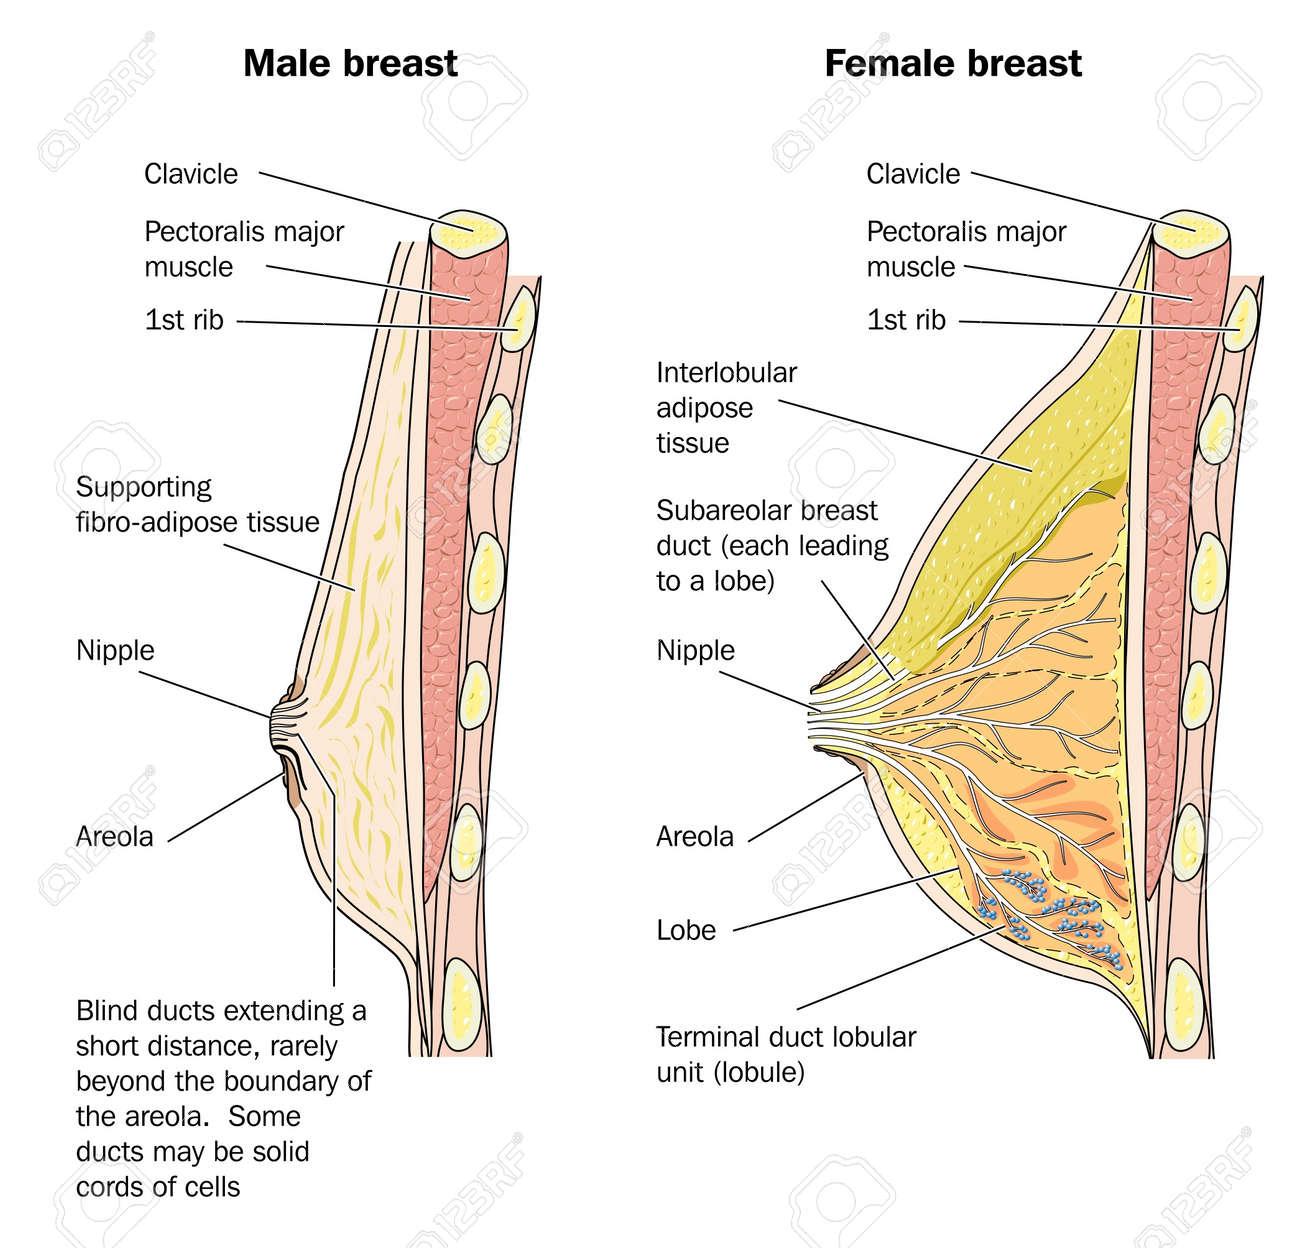 Famoso Diagrama De La Anatomía Del Pecho Embellecimiento - Anatomía ...